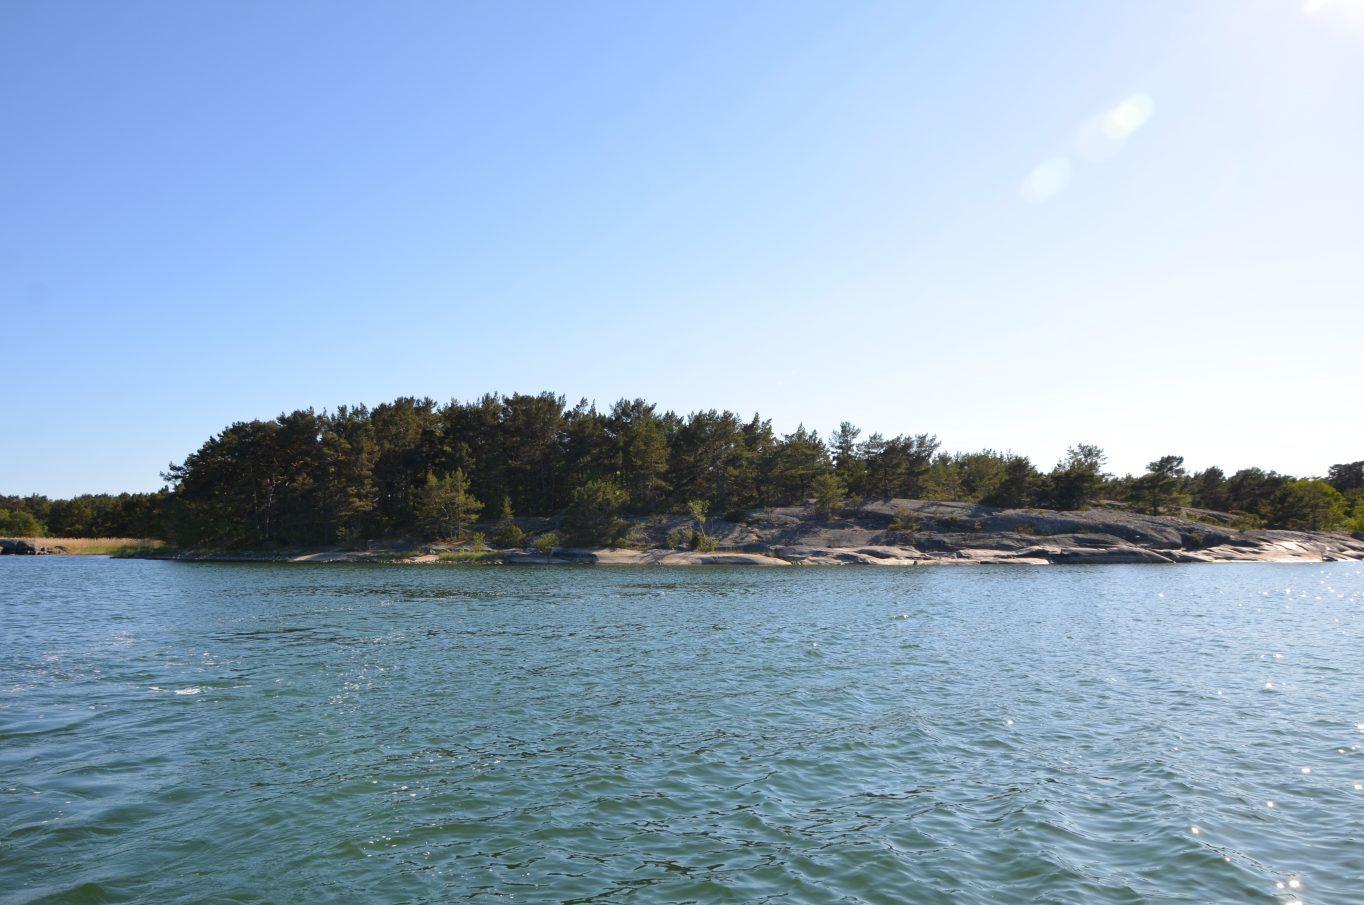 Strandfastighet på Alholmen, Kumlinge By